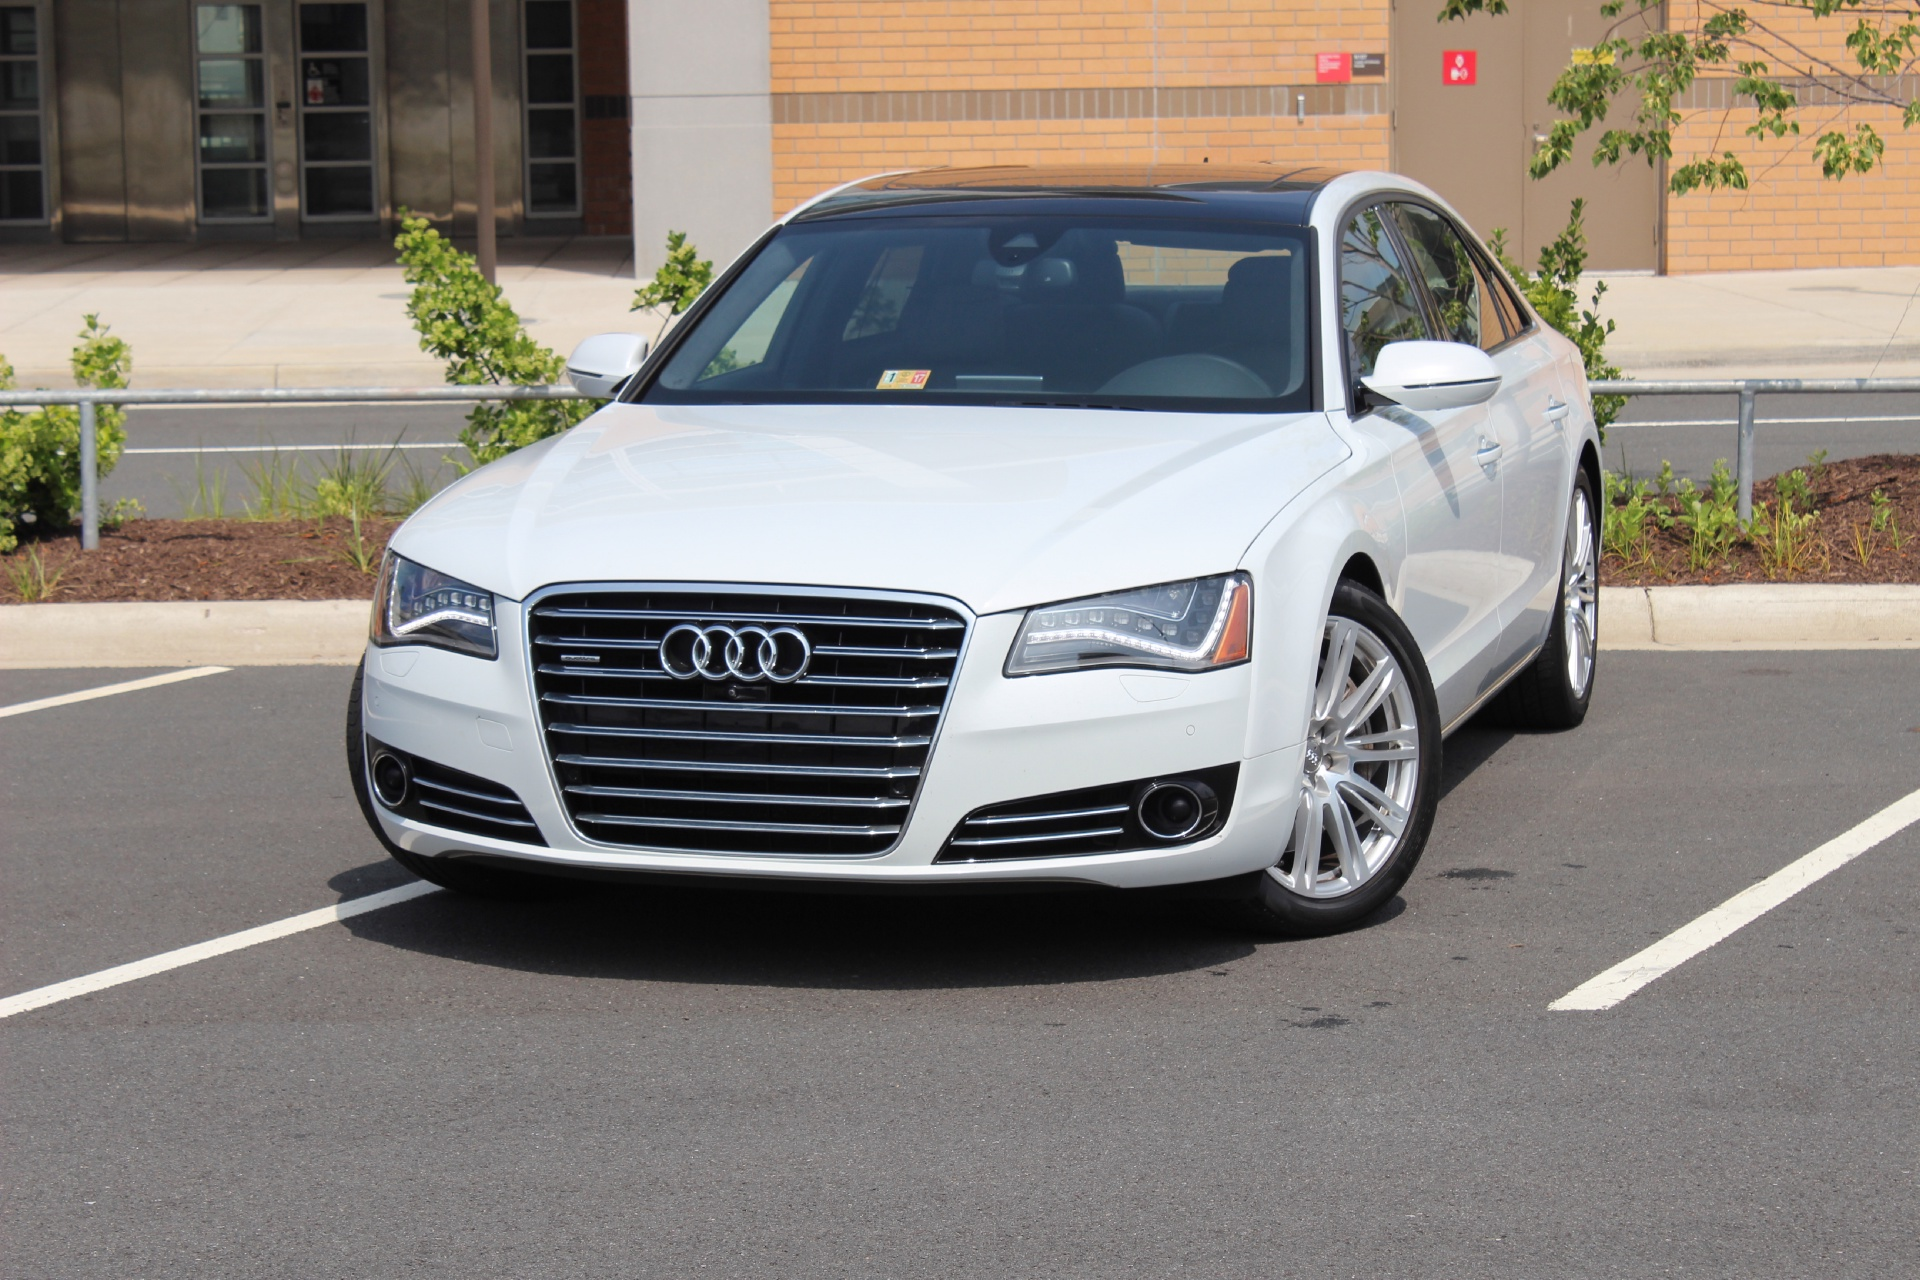 Kekurangan Audi A8 2013 Spesifikasi